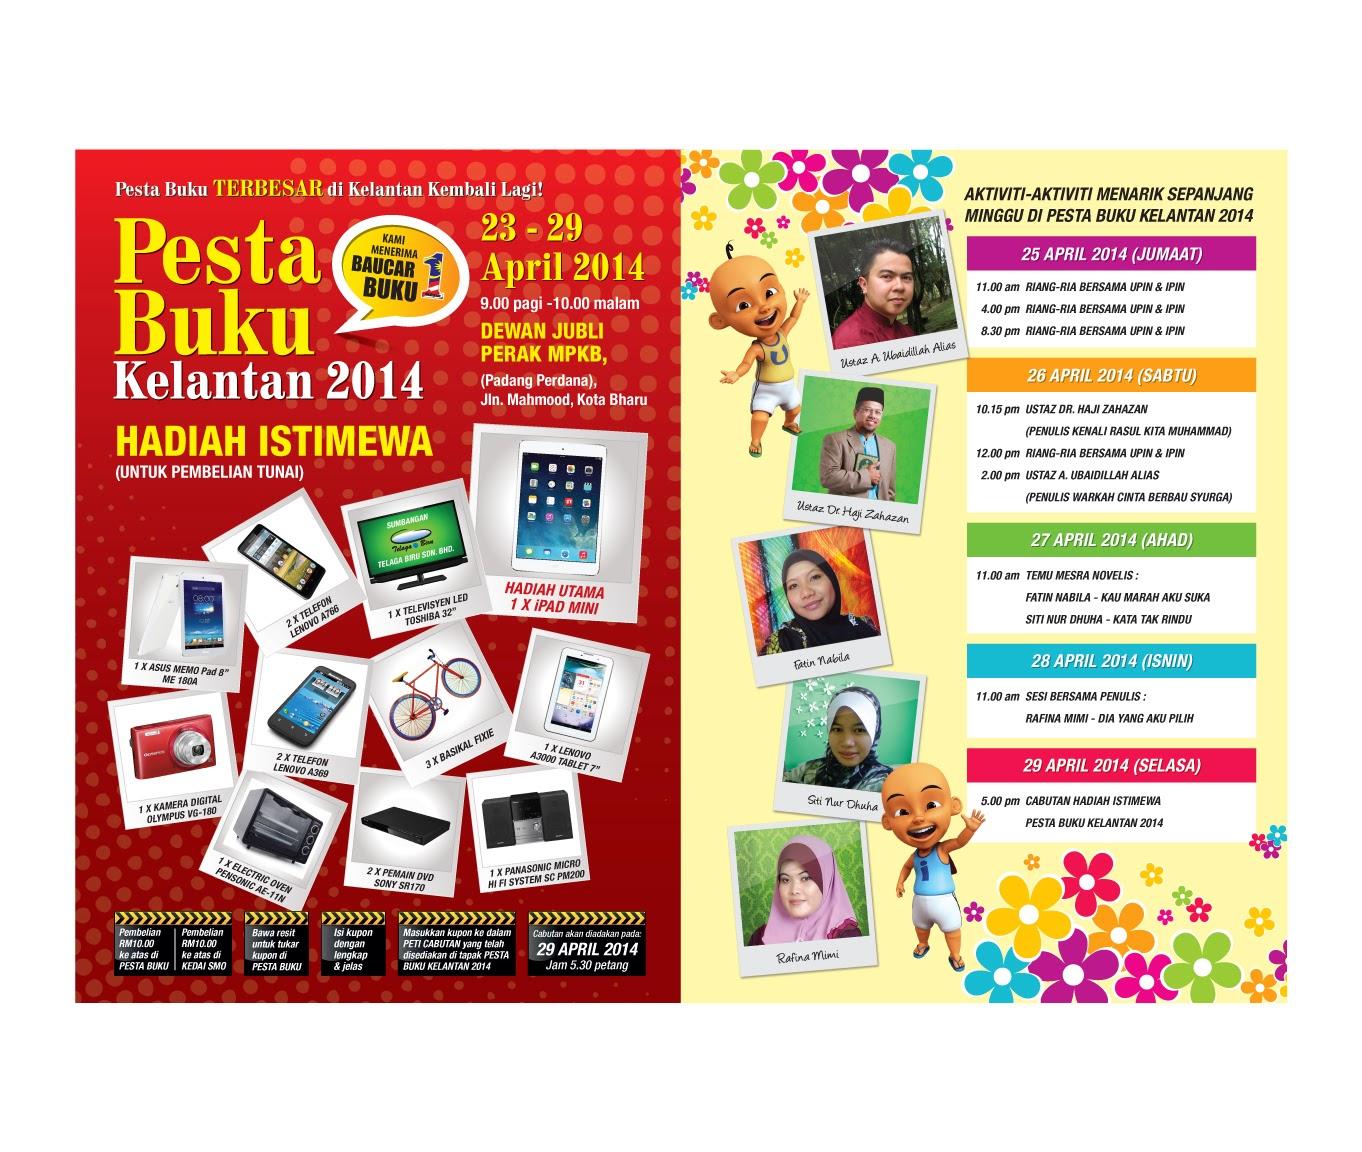 pesta buku 2014, pesta buku di kelantan, pesta buku di kota bharu, pesta buku kelantan, pesta buku SMO, Baucer Buku 1 Malaysia (BB1M),